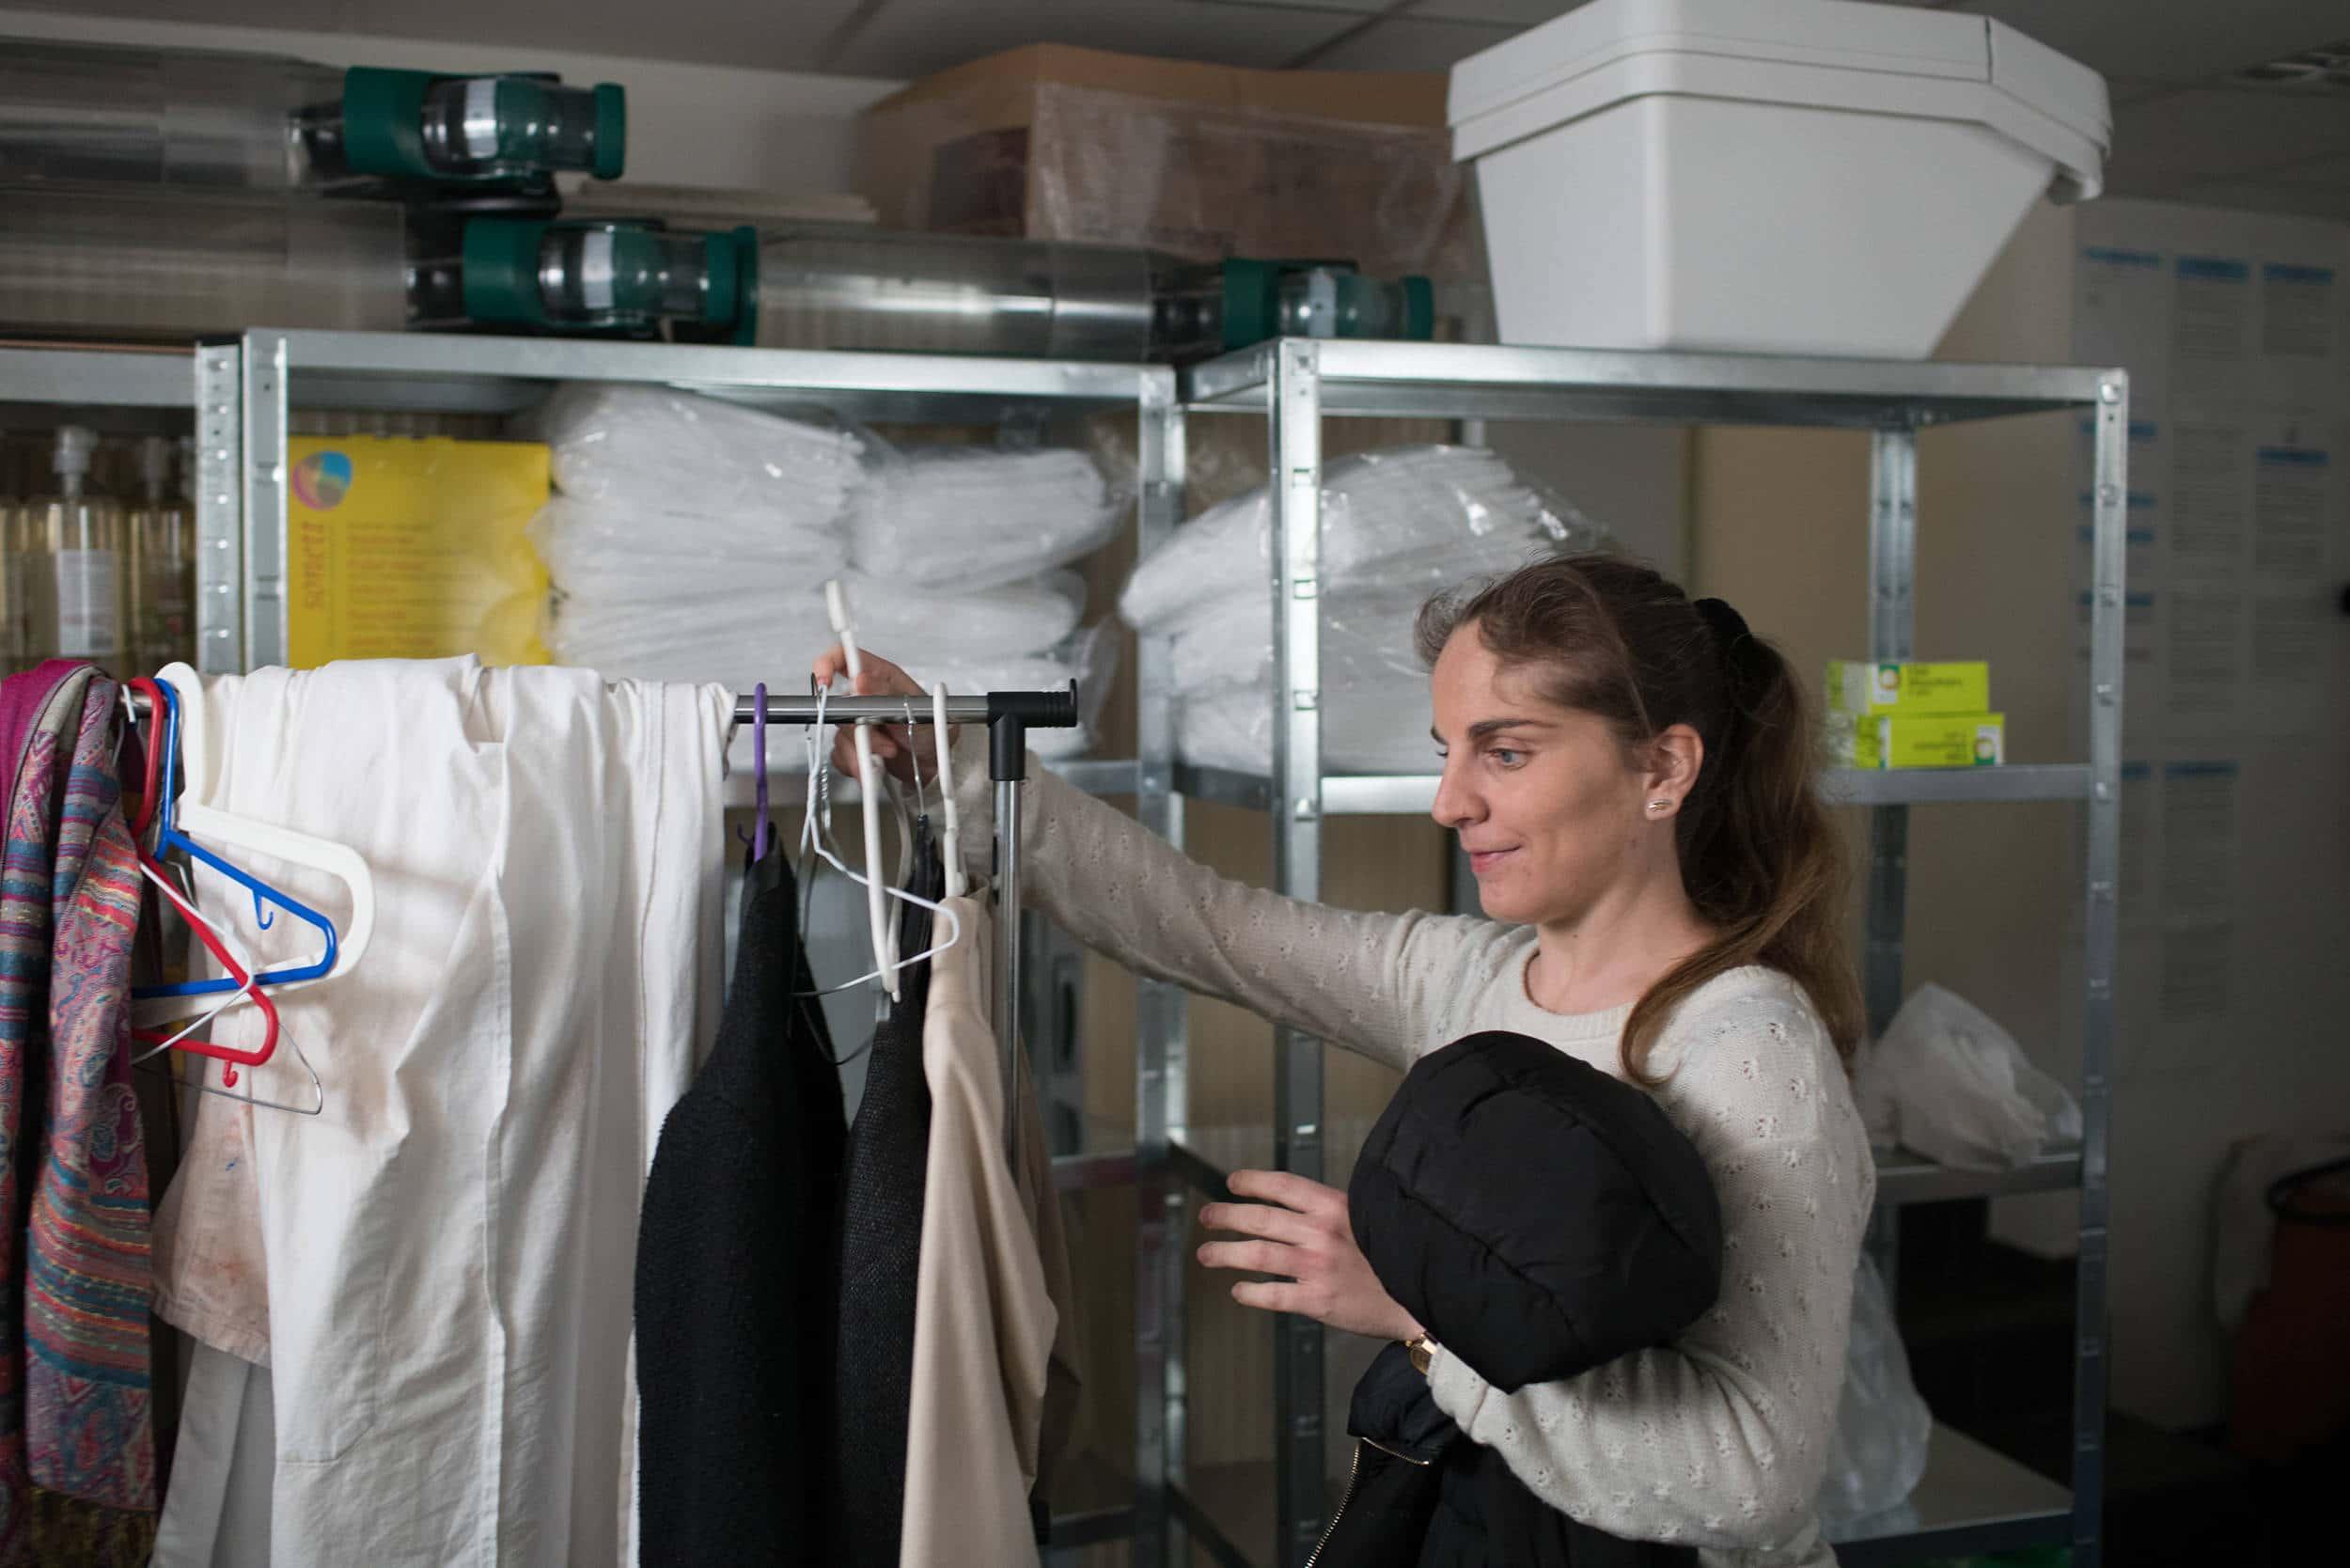 Sabrina accroche son manteau noir au vestiaire en arrivant au travail. Au second plan sont visibles des blouses de travail et différents récipients.